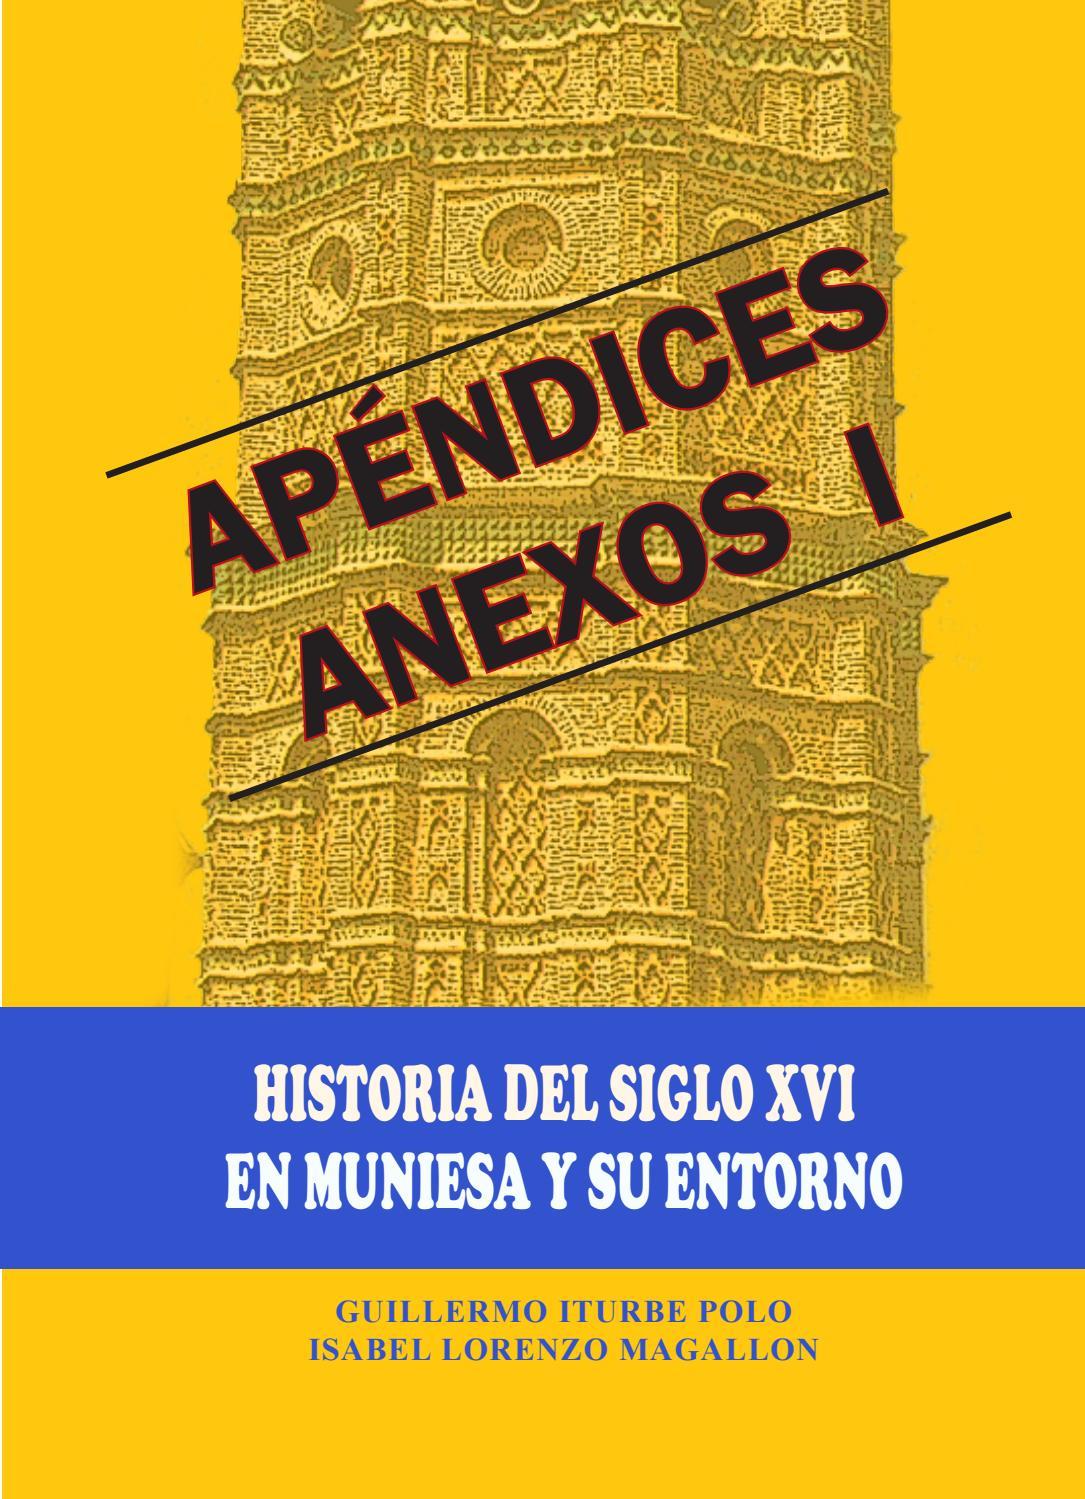 Anexos I Al Libro Historia Del Siglo Xvi En Muniesa Y Su Entorno  # Muebles Mezquita Alcanices